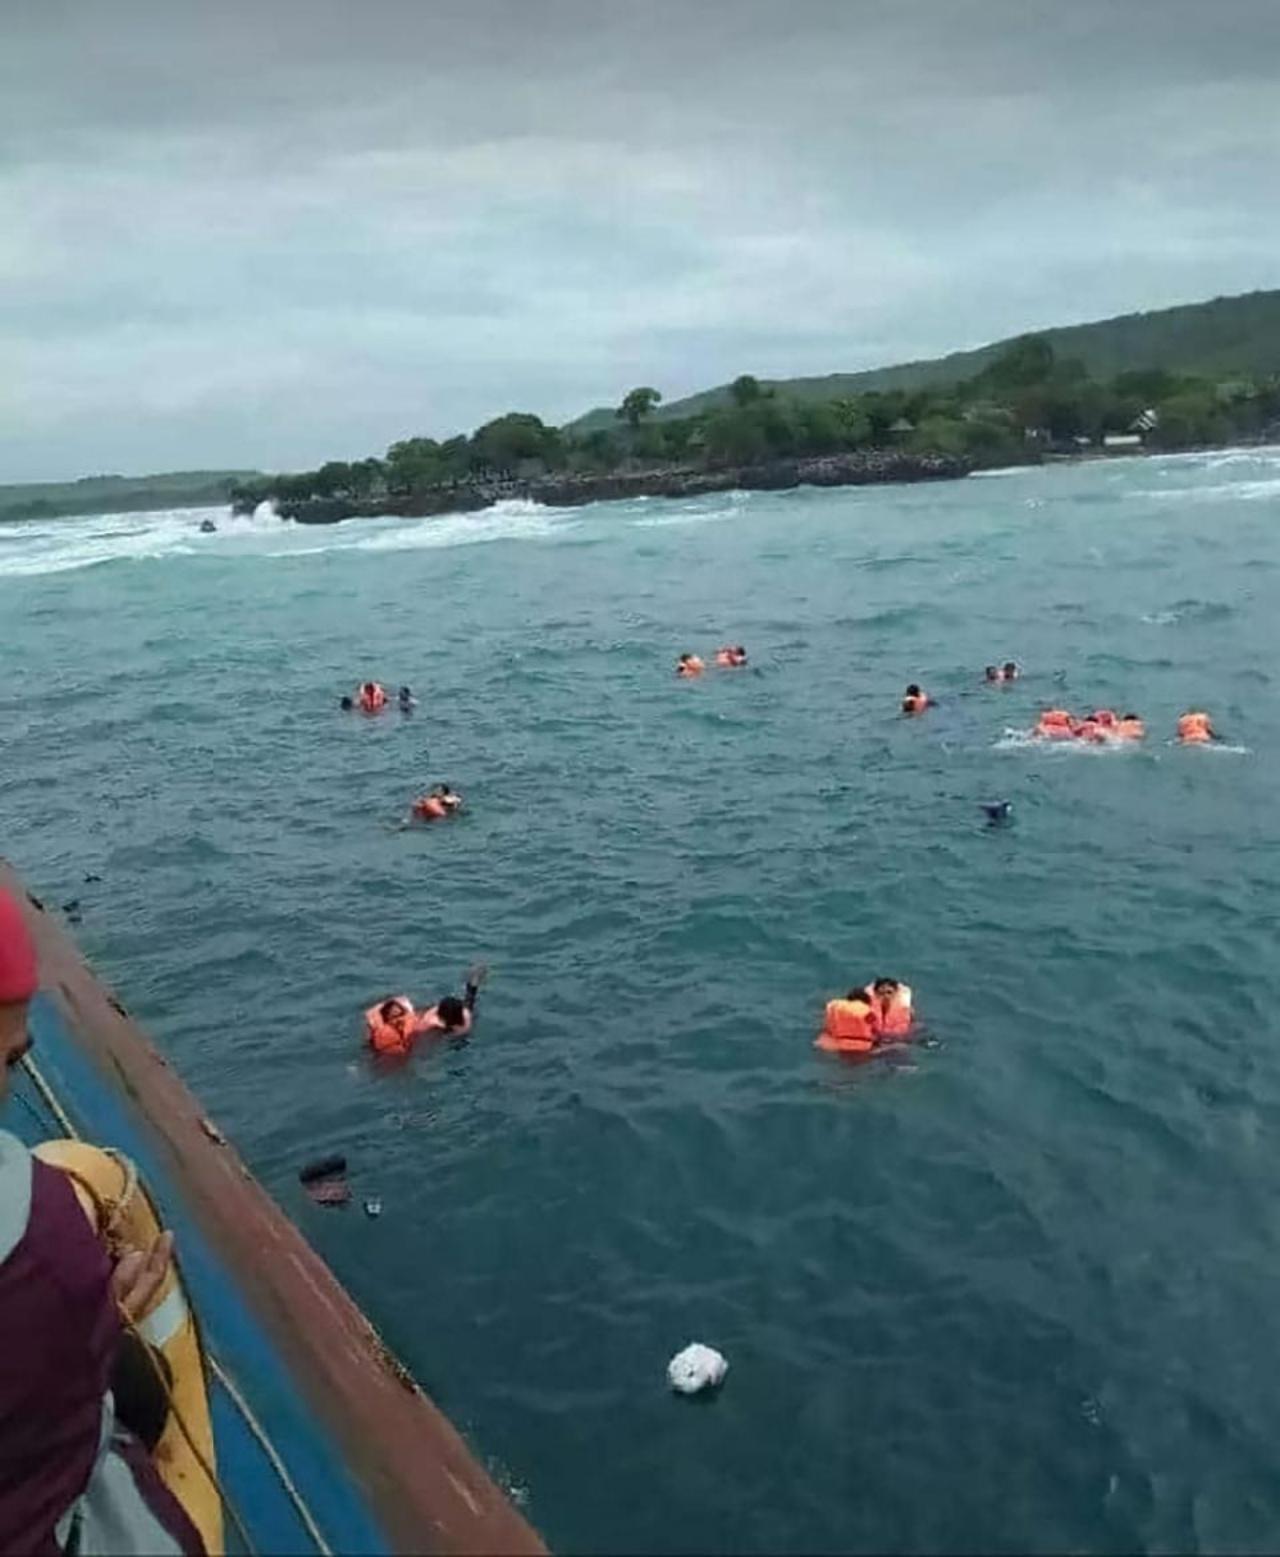 ผู้โดยสารหลายคนใส่เสื้อชูชีพลอยคอรอความช่วยเหลือกลางทะเล